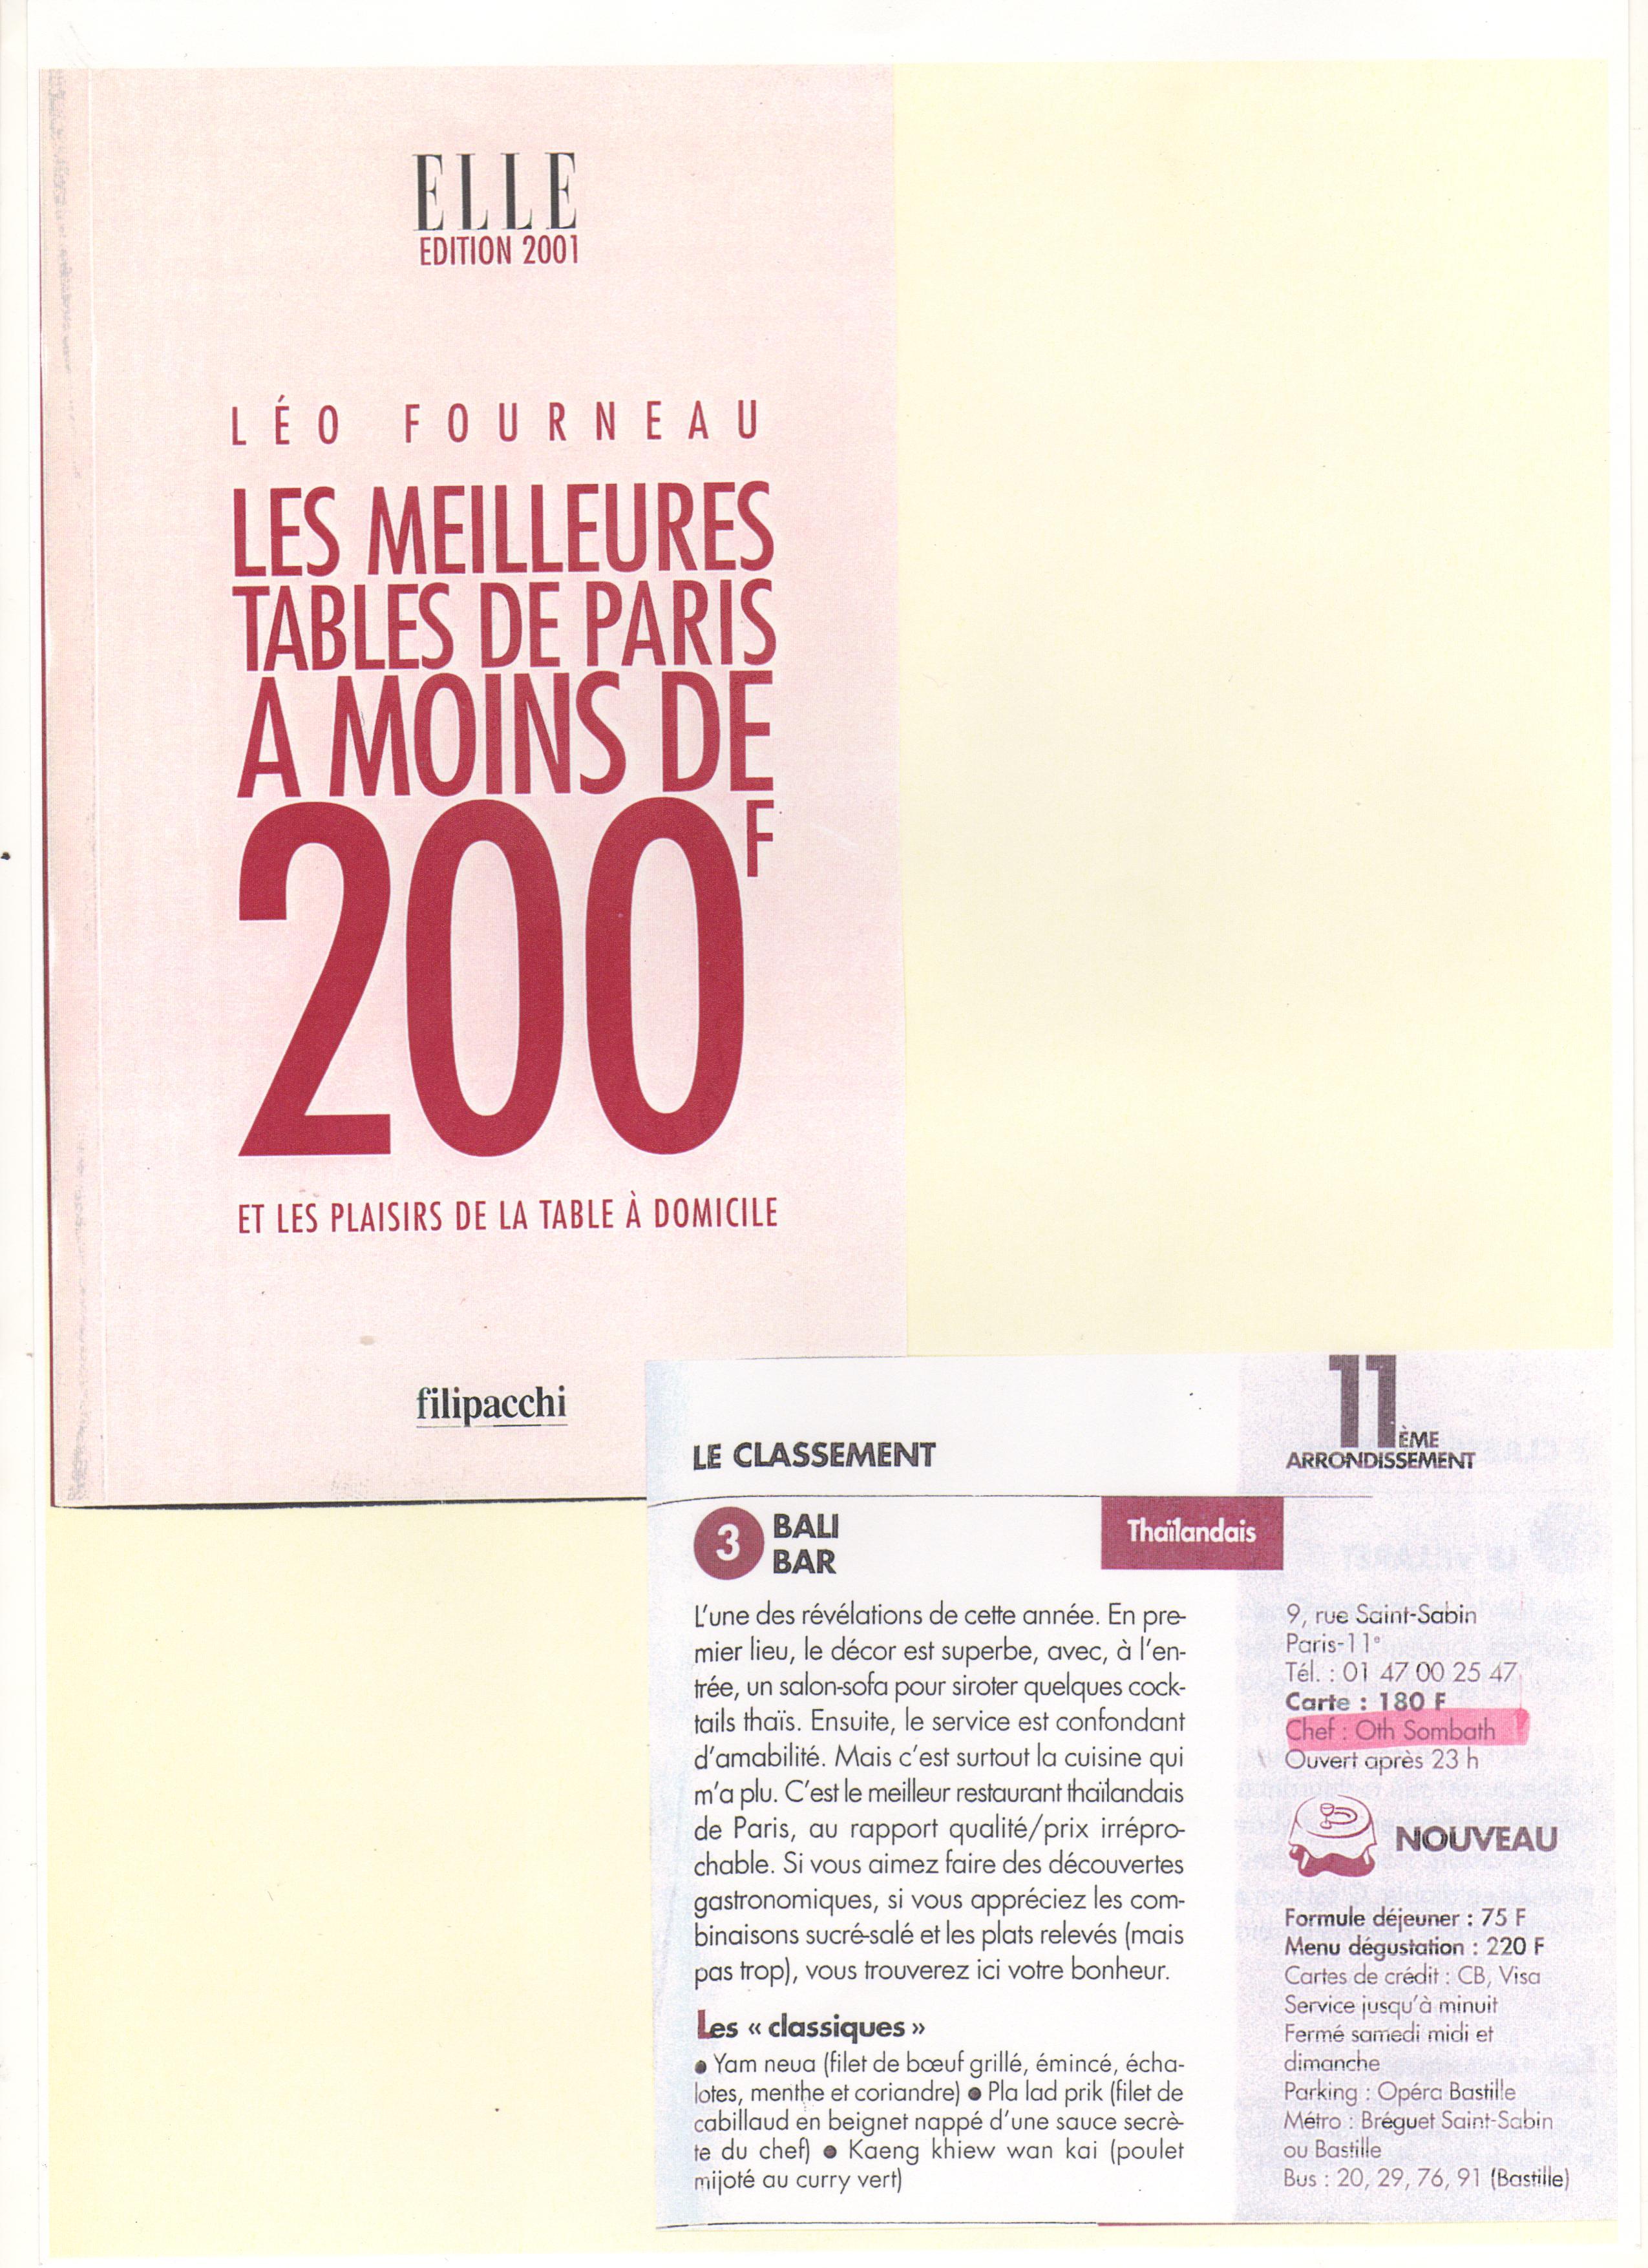 Les meilleurs des tables de Paris à moins de 200 Frs